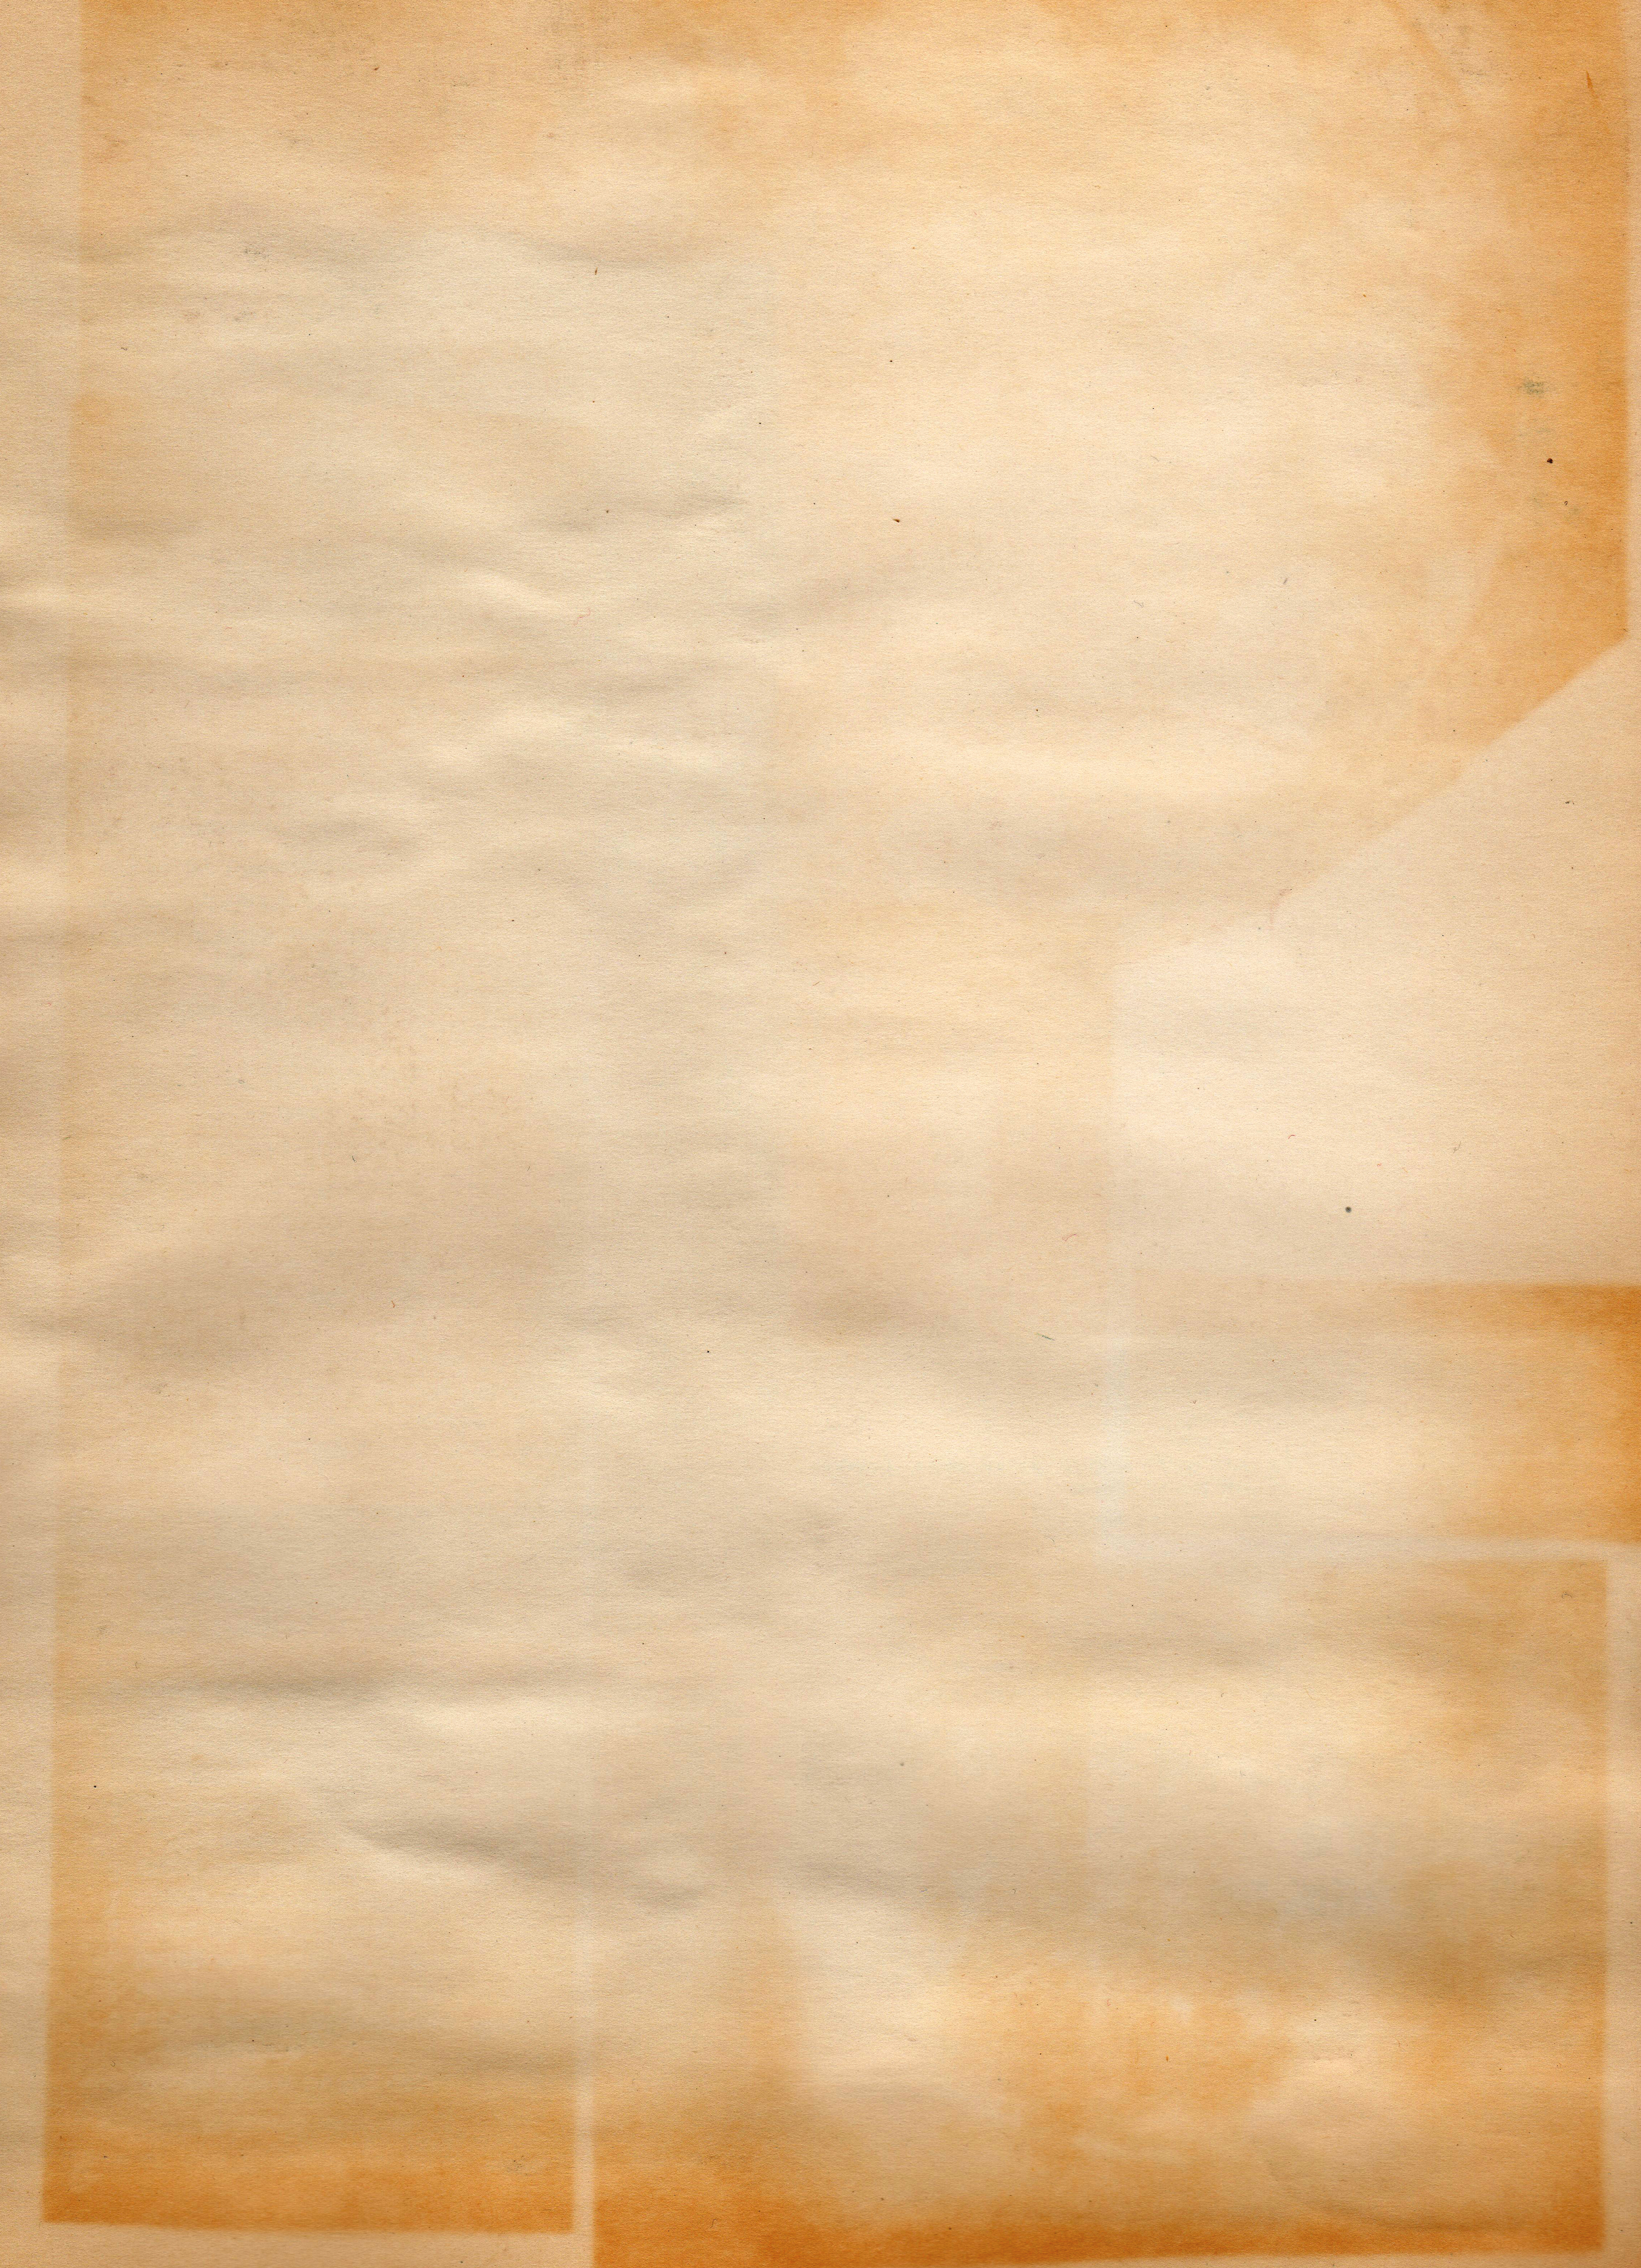 Vintage Paper, Paper, Scan, Scrapbook, Texture, HQ Photo